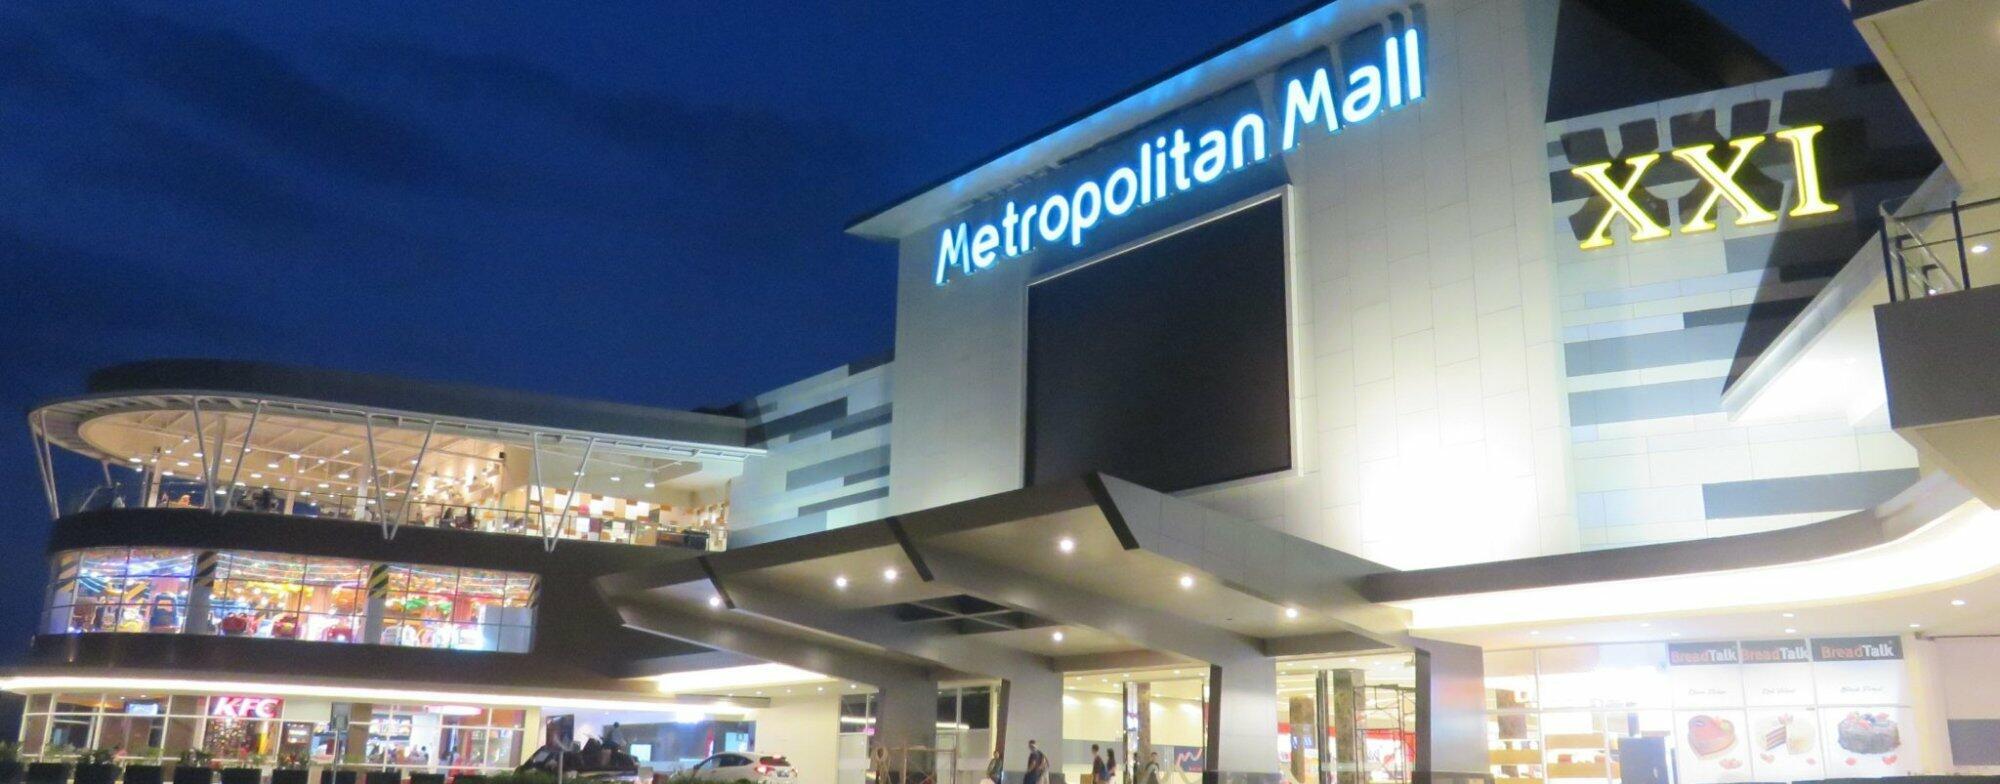 Mall dekat Perumahan di Cileungsi